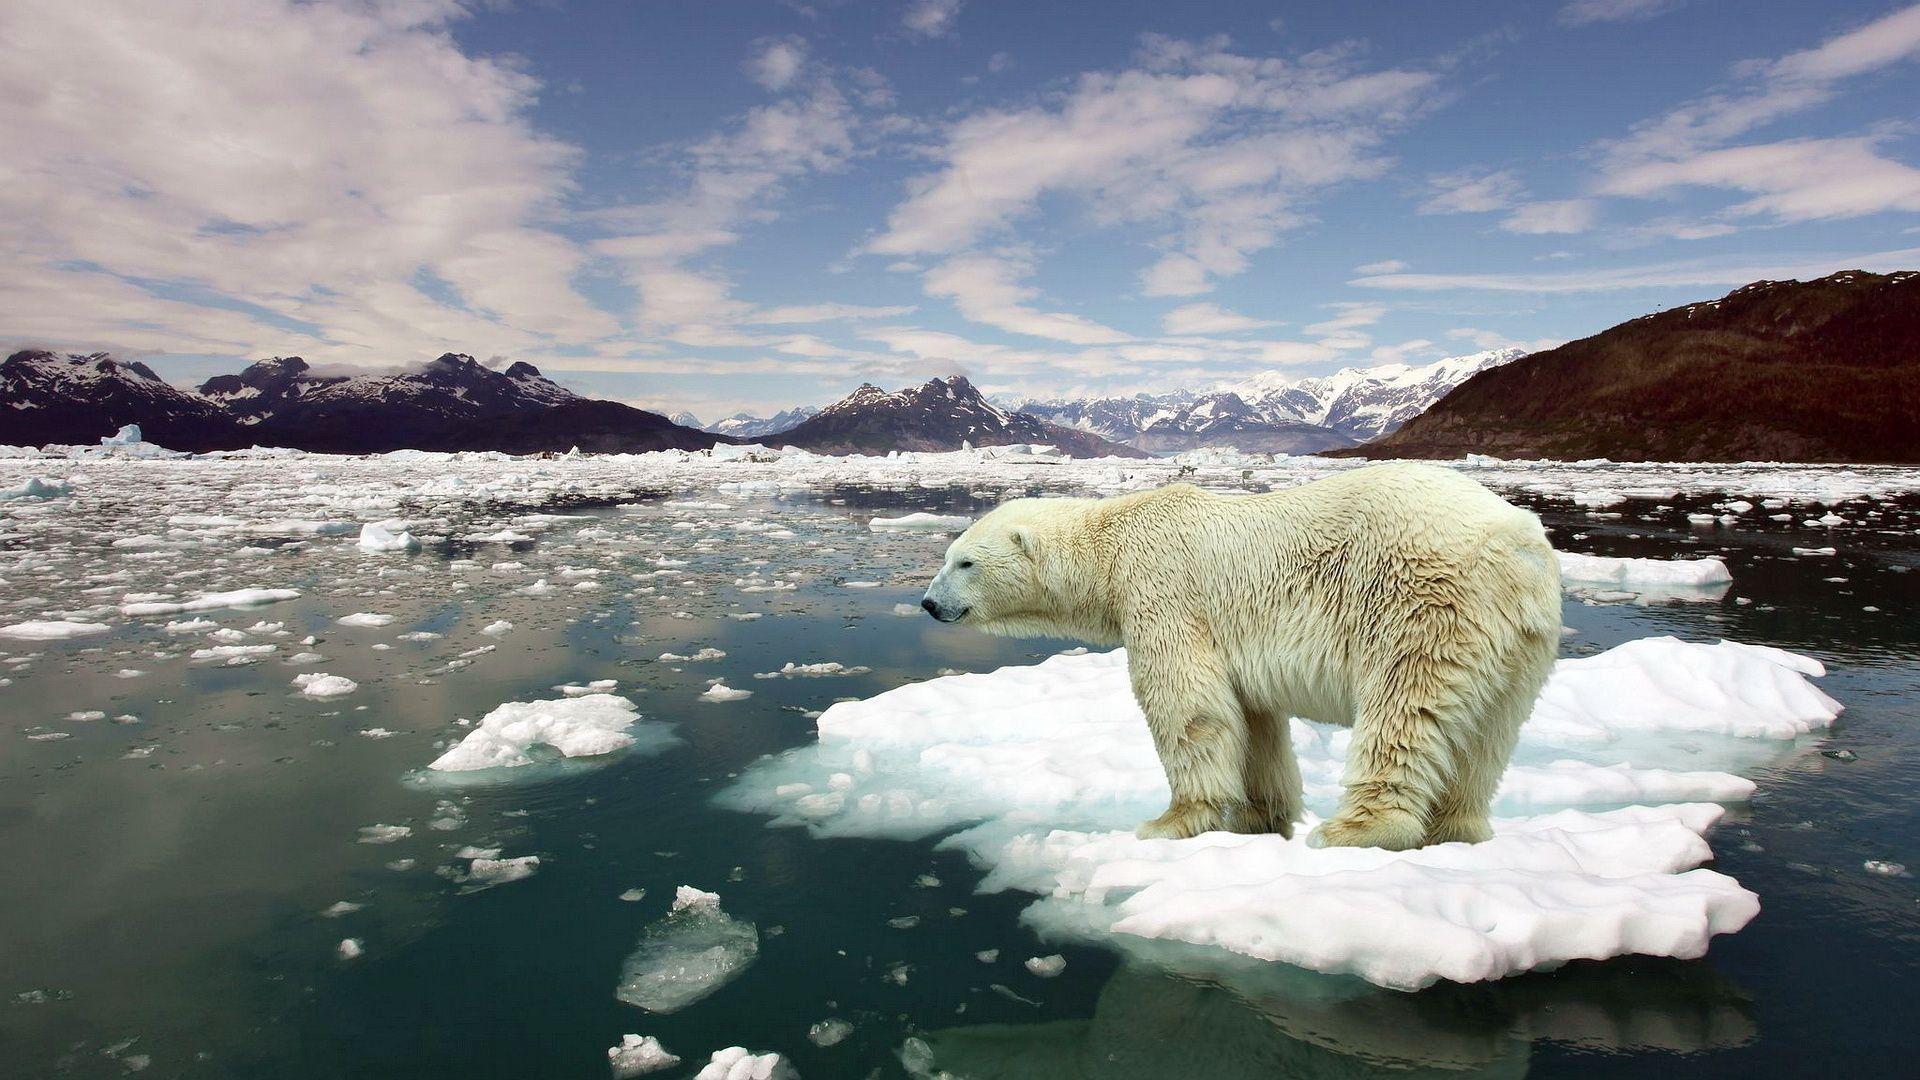 İklim değişikliği sadece bizi değil, bütün canlıları tehdit etmektedir.